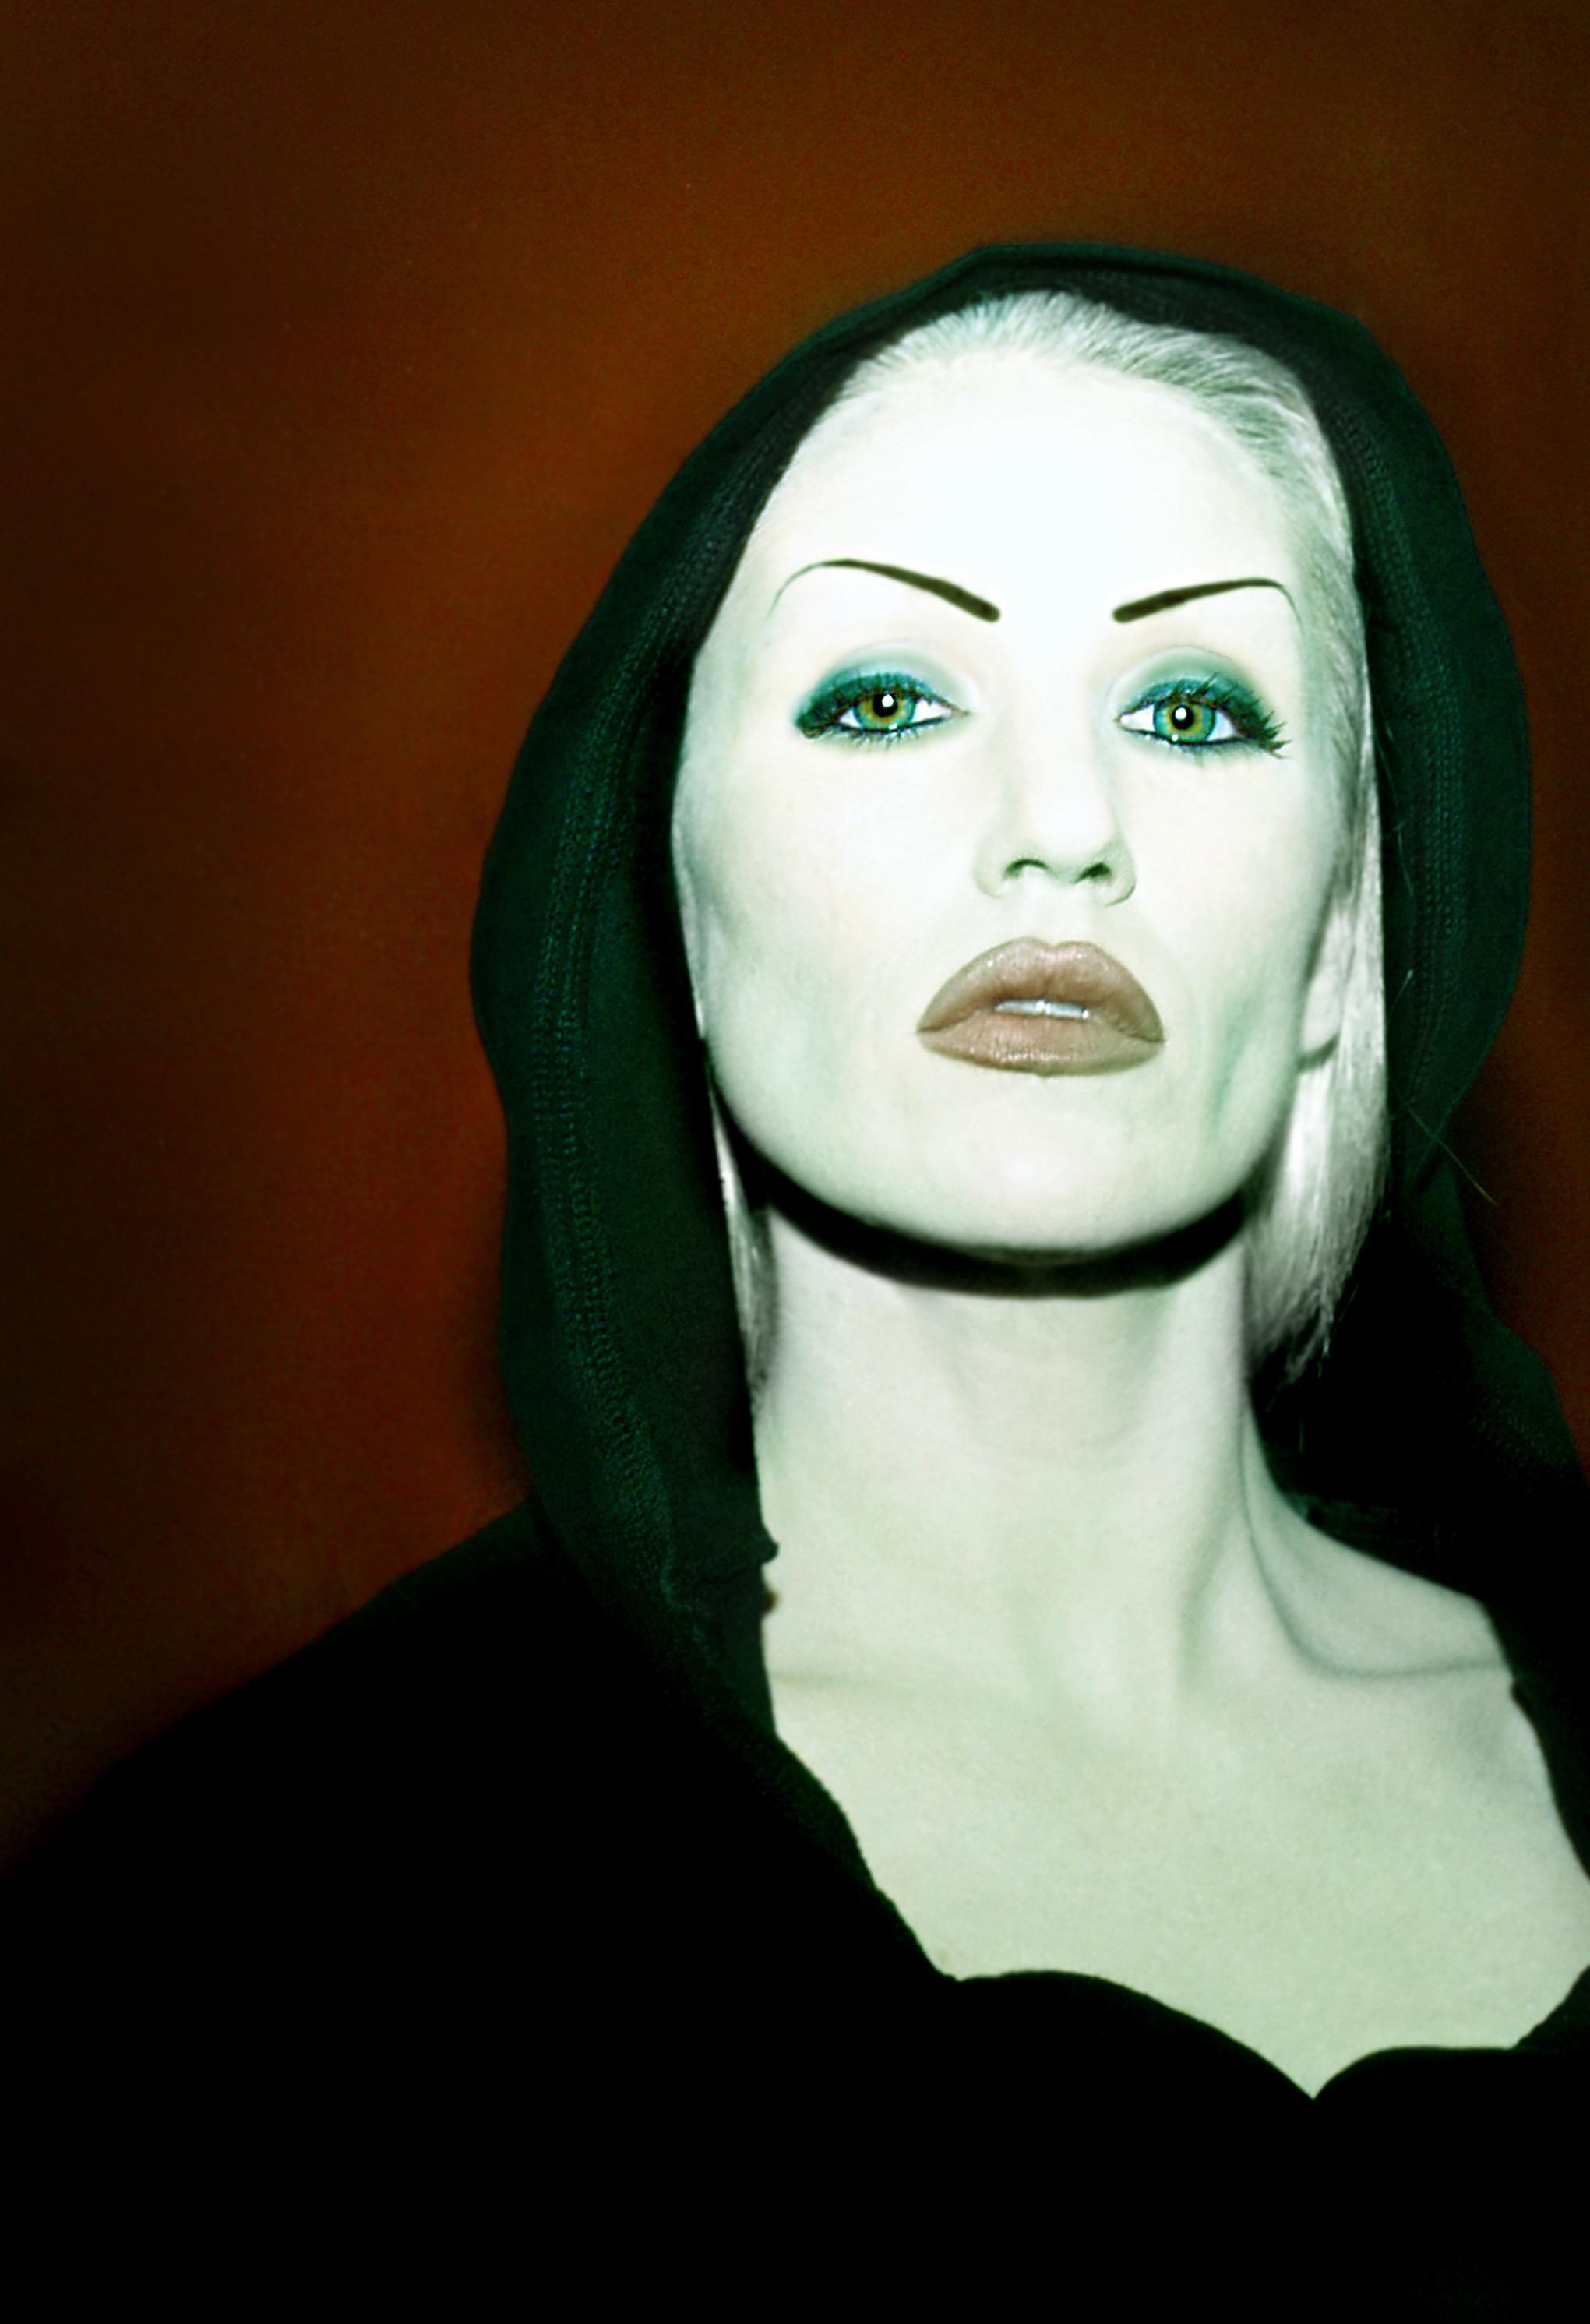 f53482c7 mennesker kvinne hvit mørk hunn portrett grønn farge kontrast mørke klær  svart sminke caucasian ansikt skulptur